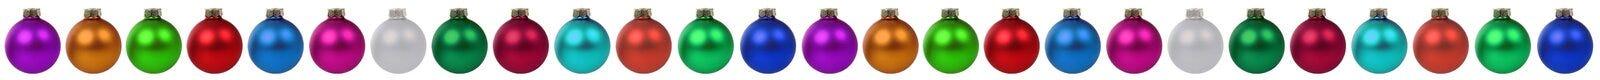 Aislador colorido de la decoración de las chucherías de las bolas de la frontera de la Navidad en fila Foto de archivo